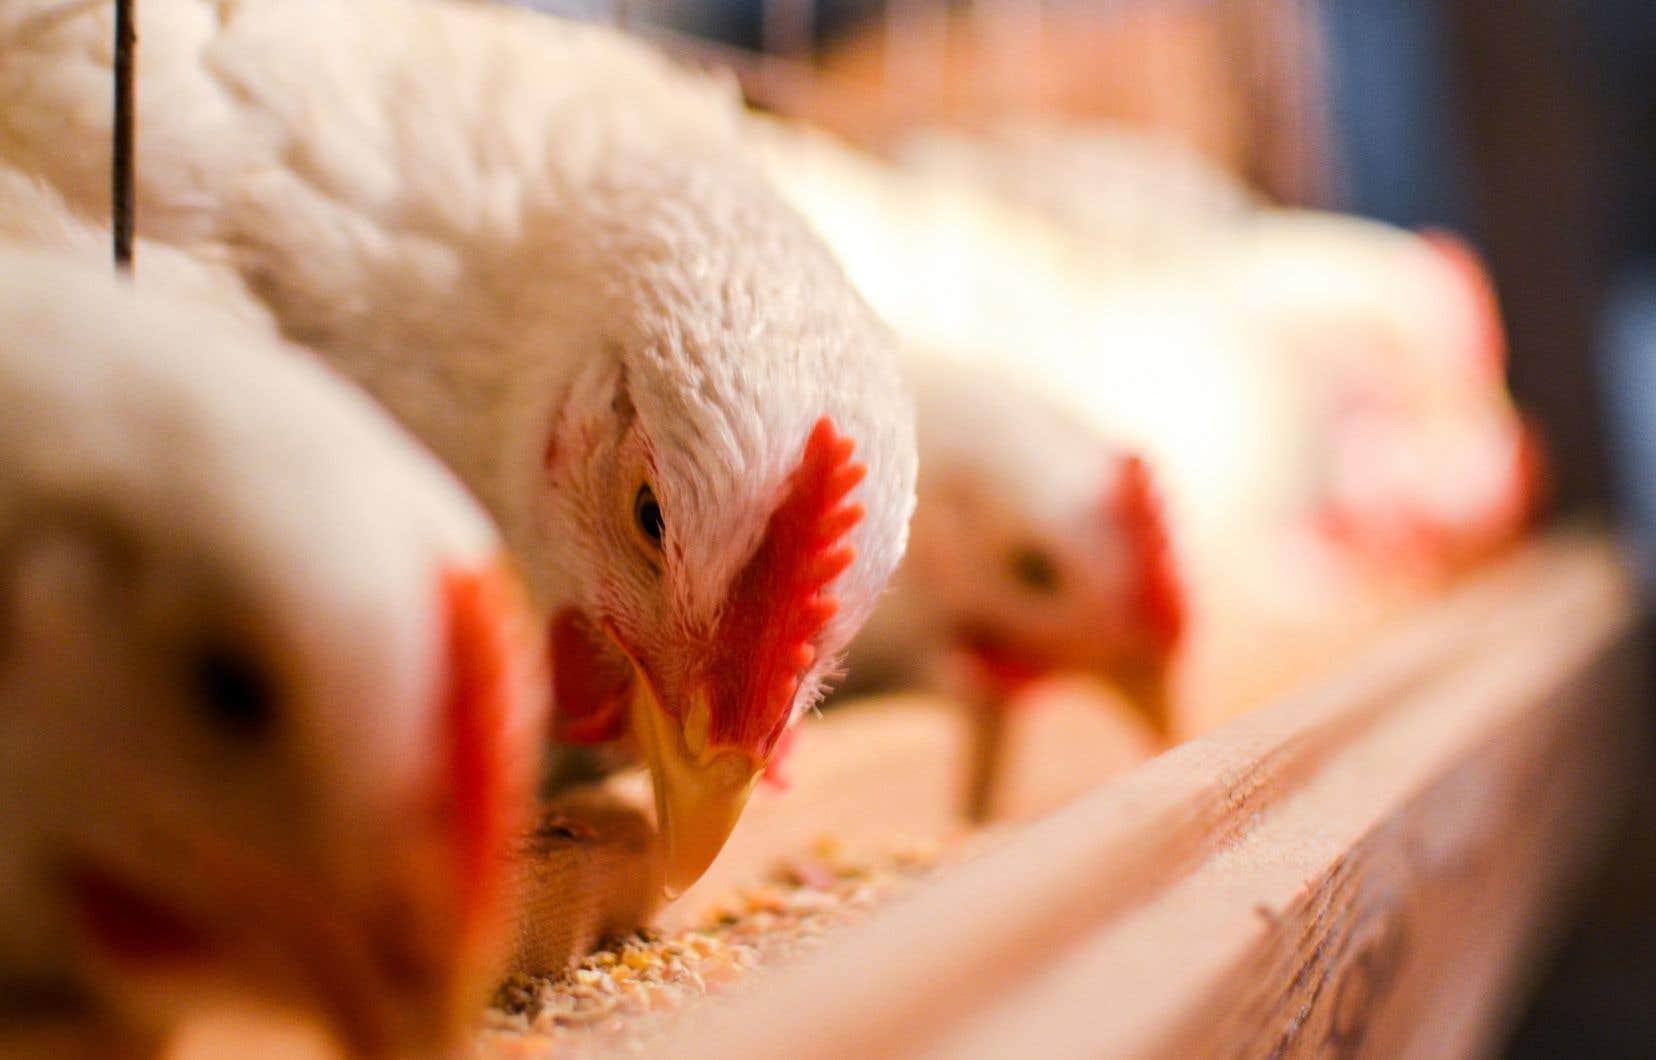 Cette grève a beaucoup fait parler à cause du gaspillage alimentaire qui en résulte, avec plus d'un million de poulets euthanasiés.